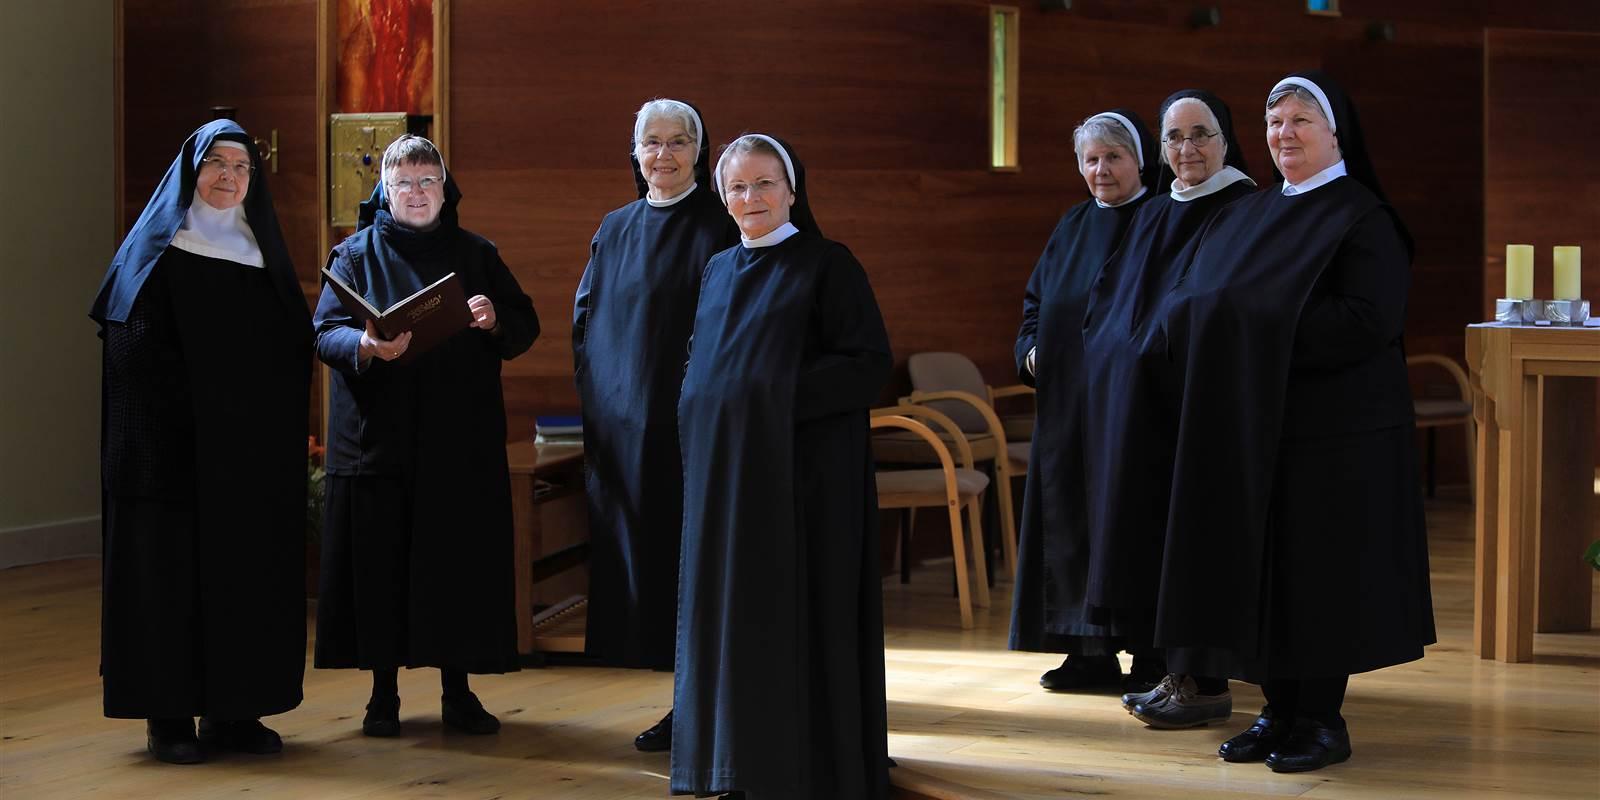 Kylemore Benedictine Community